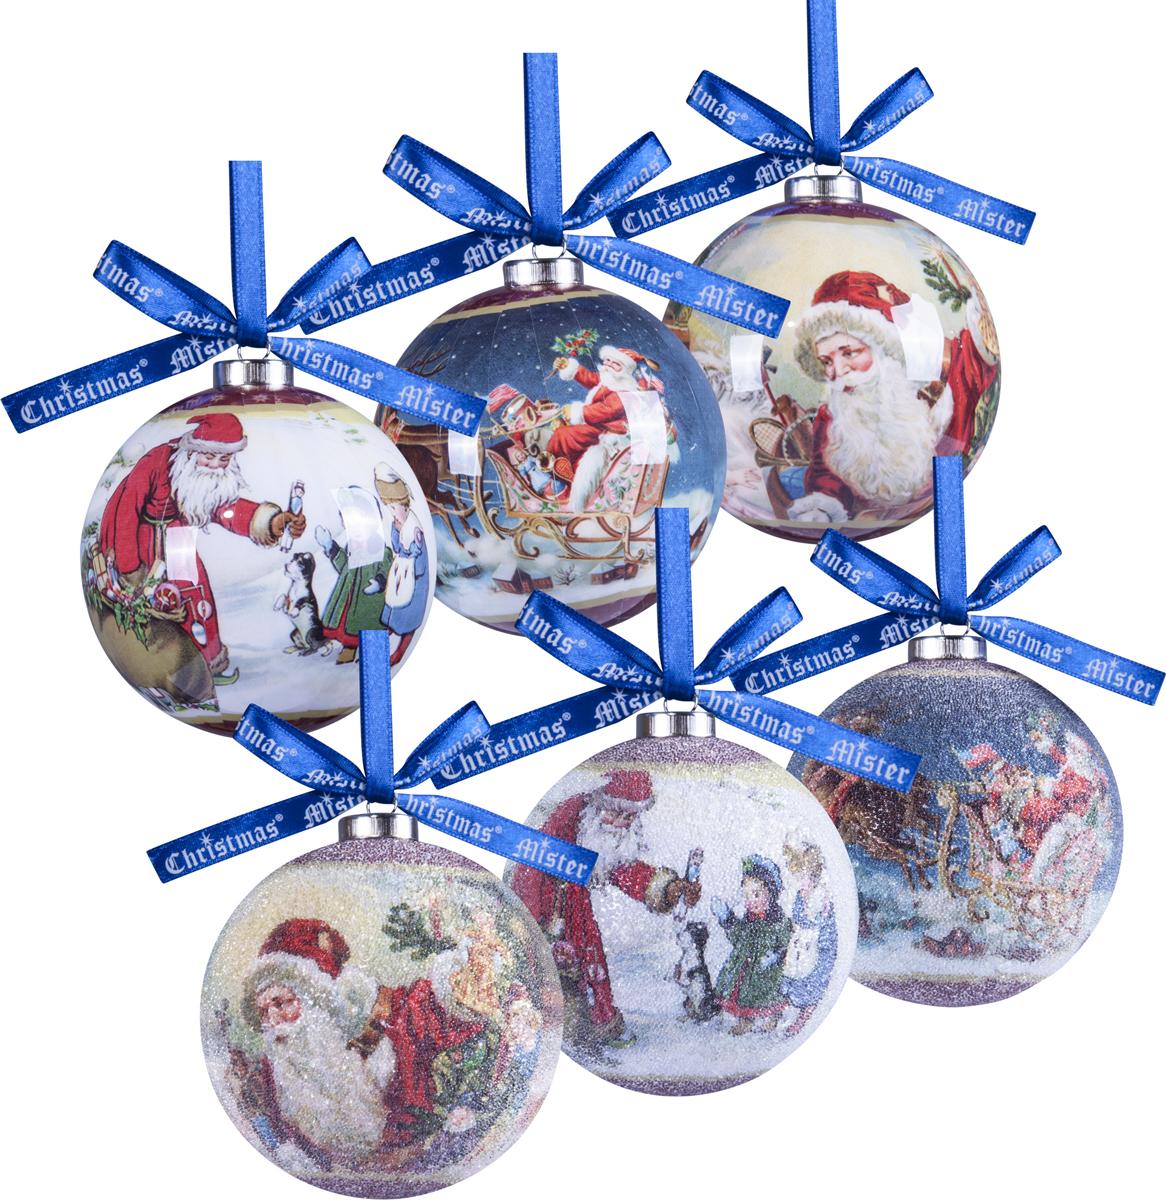 Набор новогодних подвесных украшений Mister Christmas Папье-маше, диаметр 7,5 см, 6 шт. PM-41-6T mister miracle